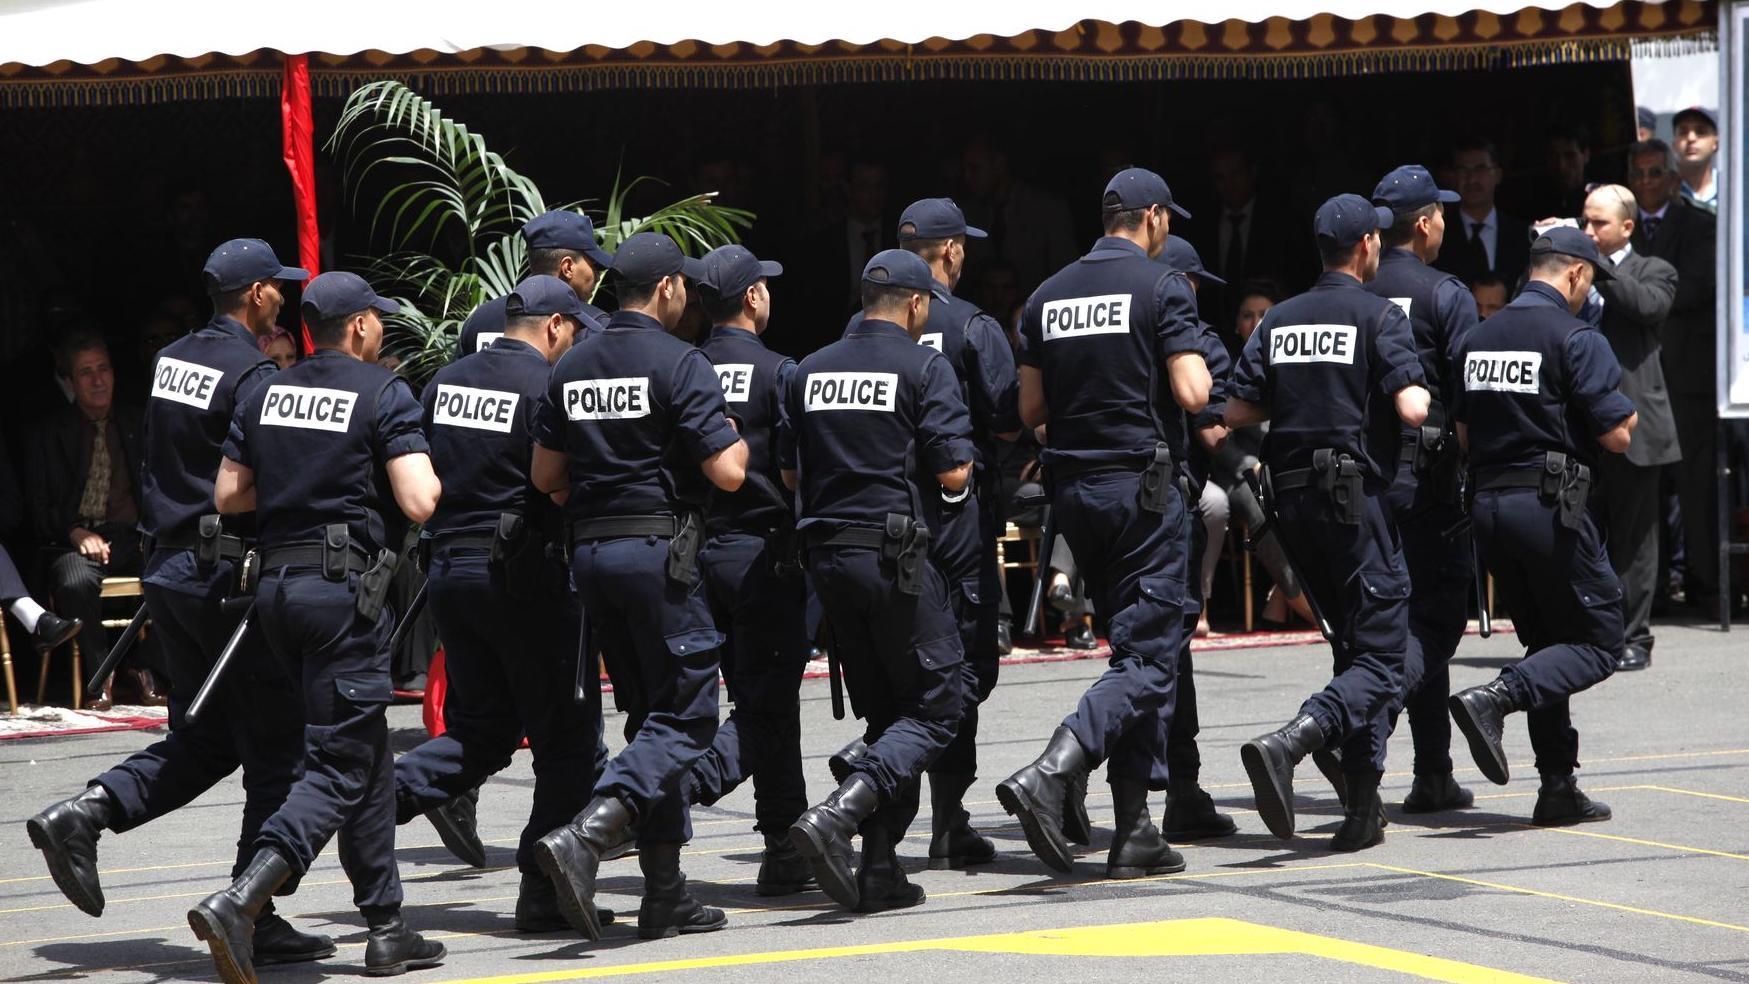 صور رائعة للشرطة المغربية 2014 Police11